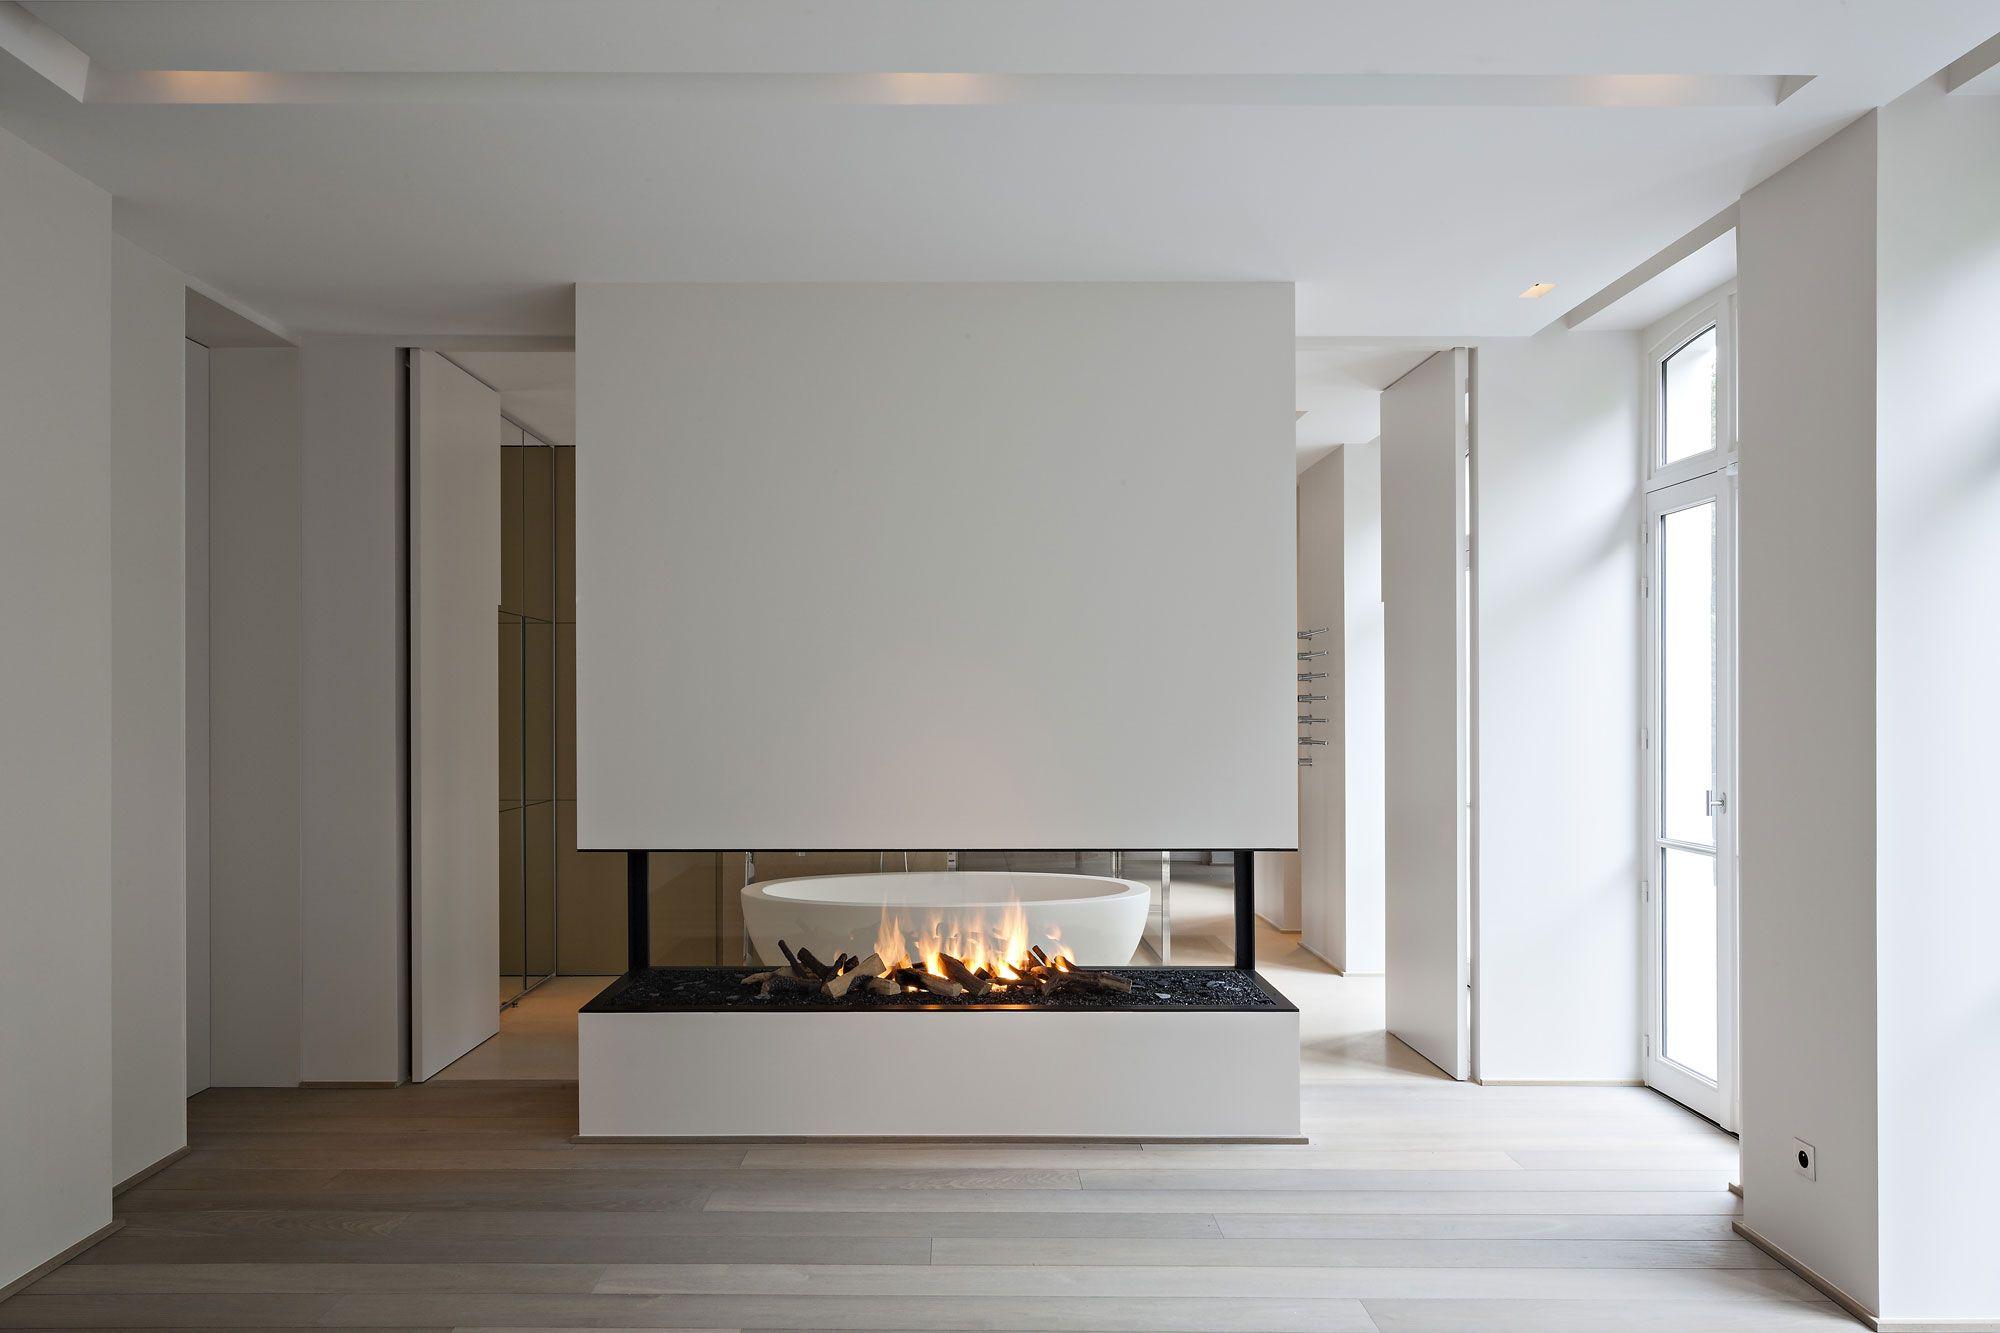 pingl sur design fireplaces chemin es design. Black Bedroom Furniture Sets. Home Design Ideas